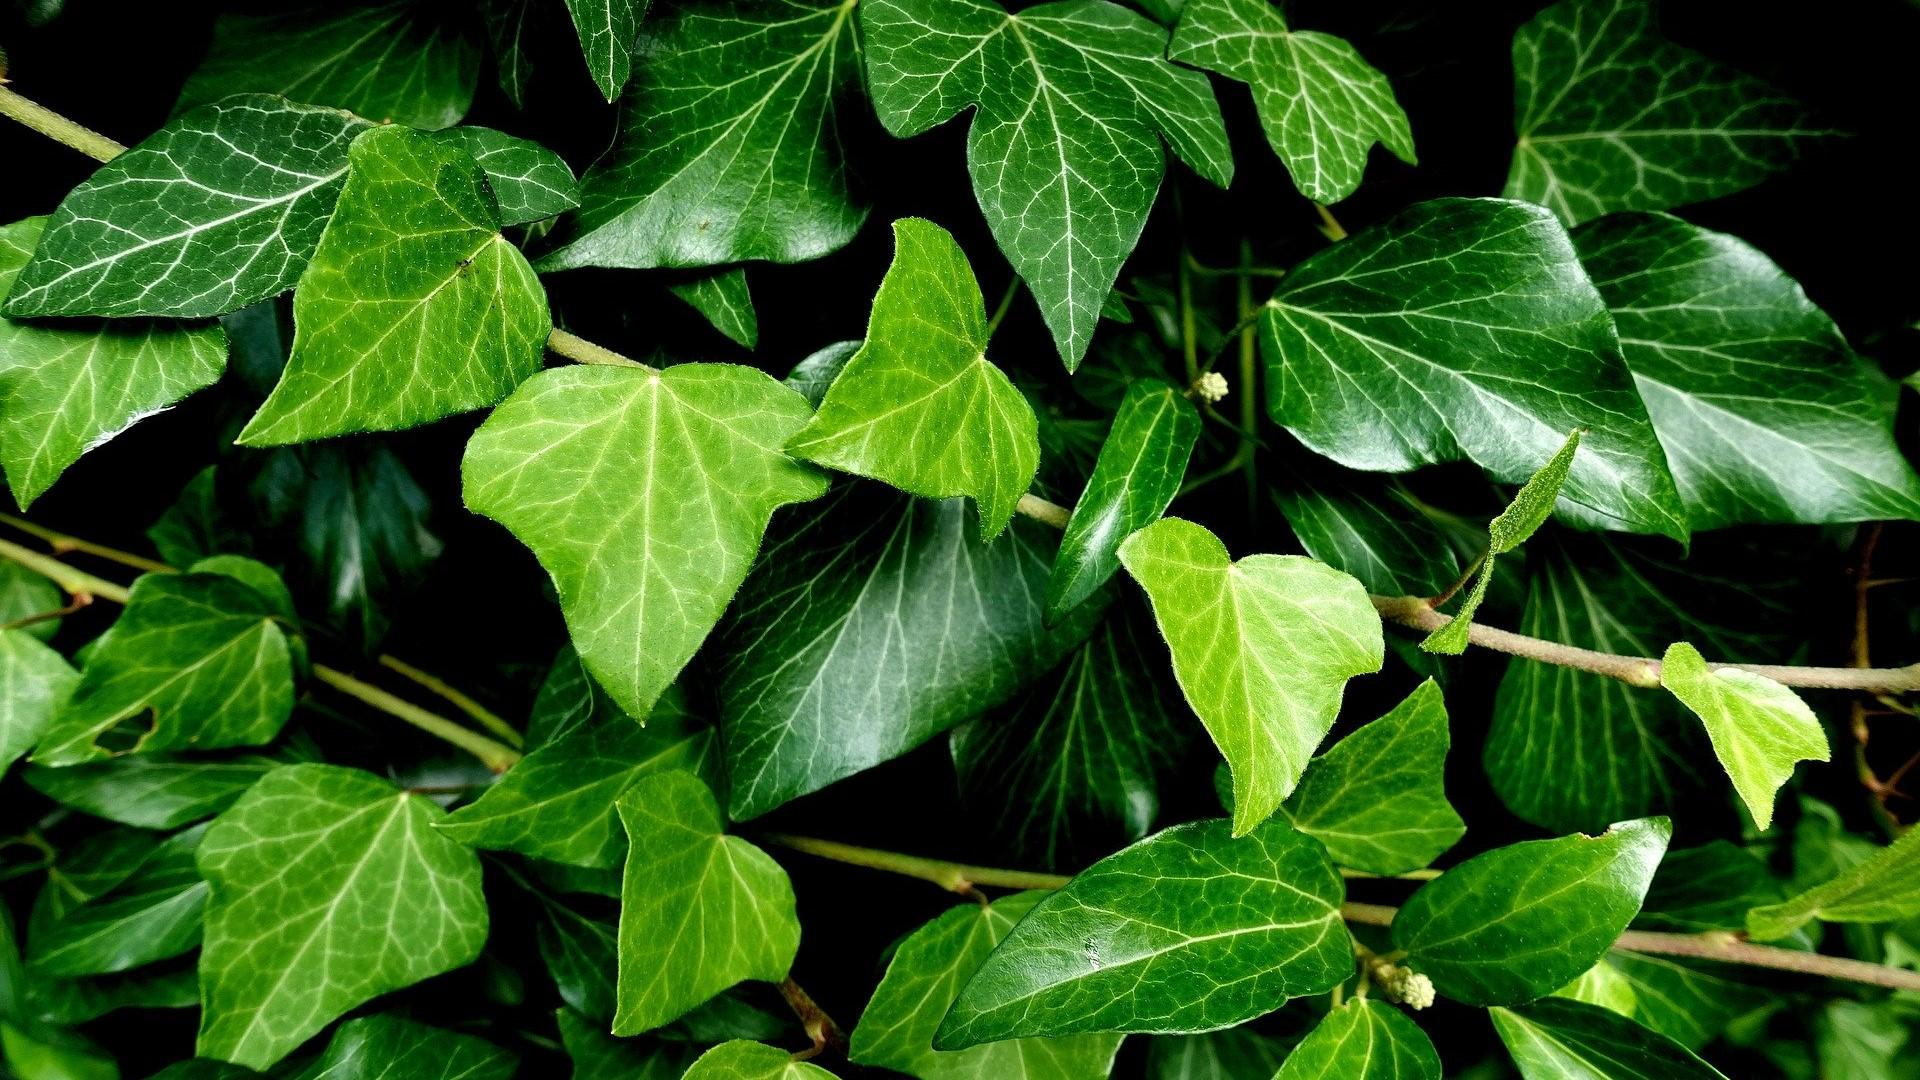 Viele beliebte Pflanzen im Garten sind für Kinder giftig.